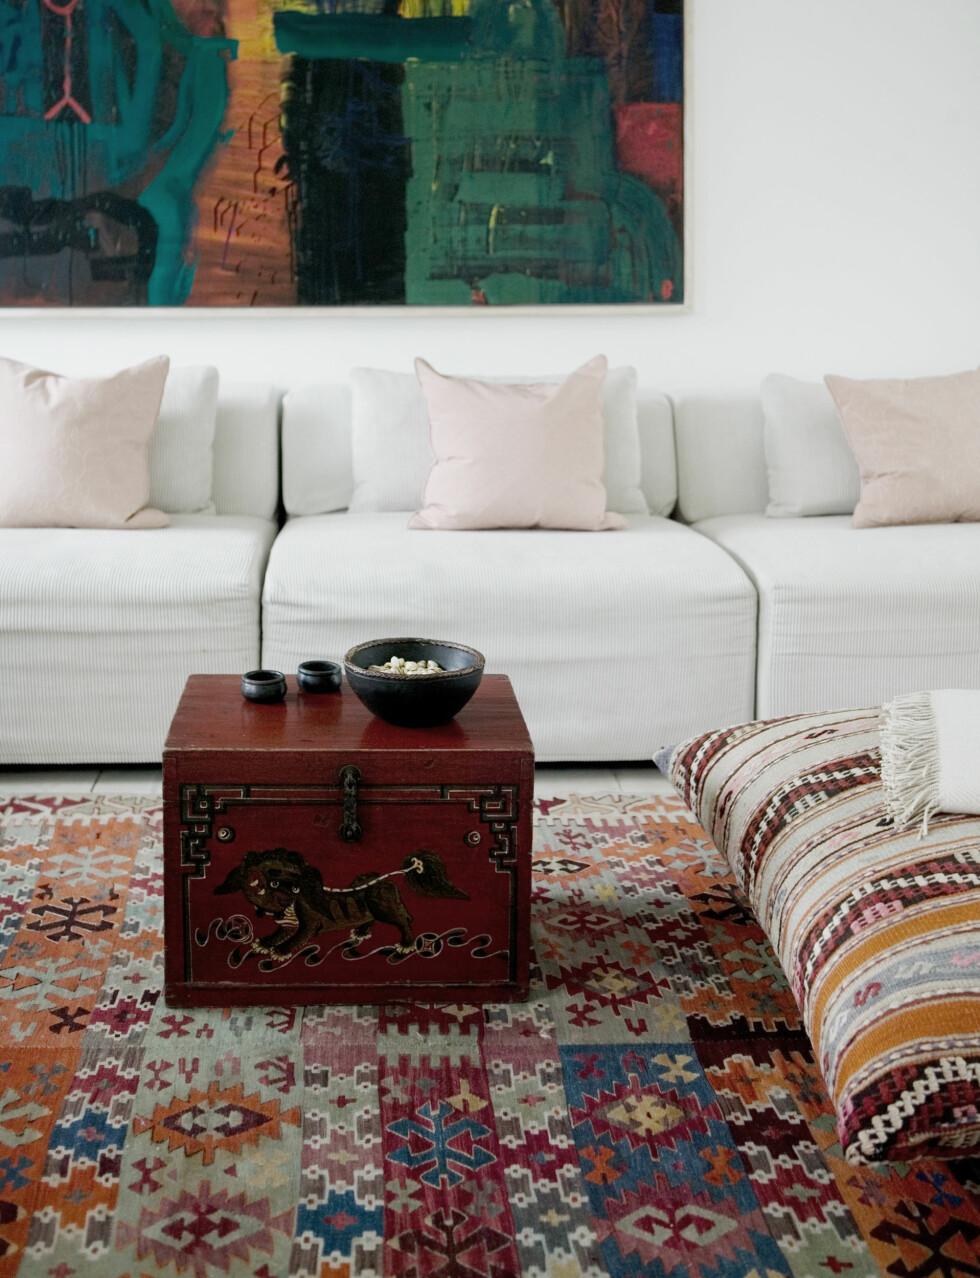 DELIKAT MIKS: Det store oljemaleriet er av Jens Birkemose. Den store sofaen inviterer til kos for hele familien.Eksotisk kelim mot sart pudderrosa gir en delikat og dempet miks.   Foto: Kira Brandt/House of Pictures